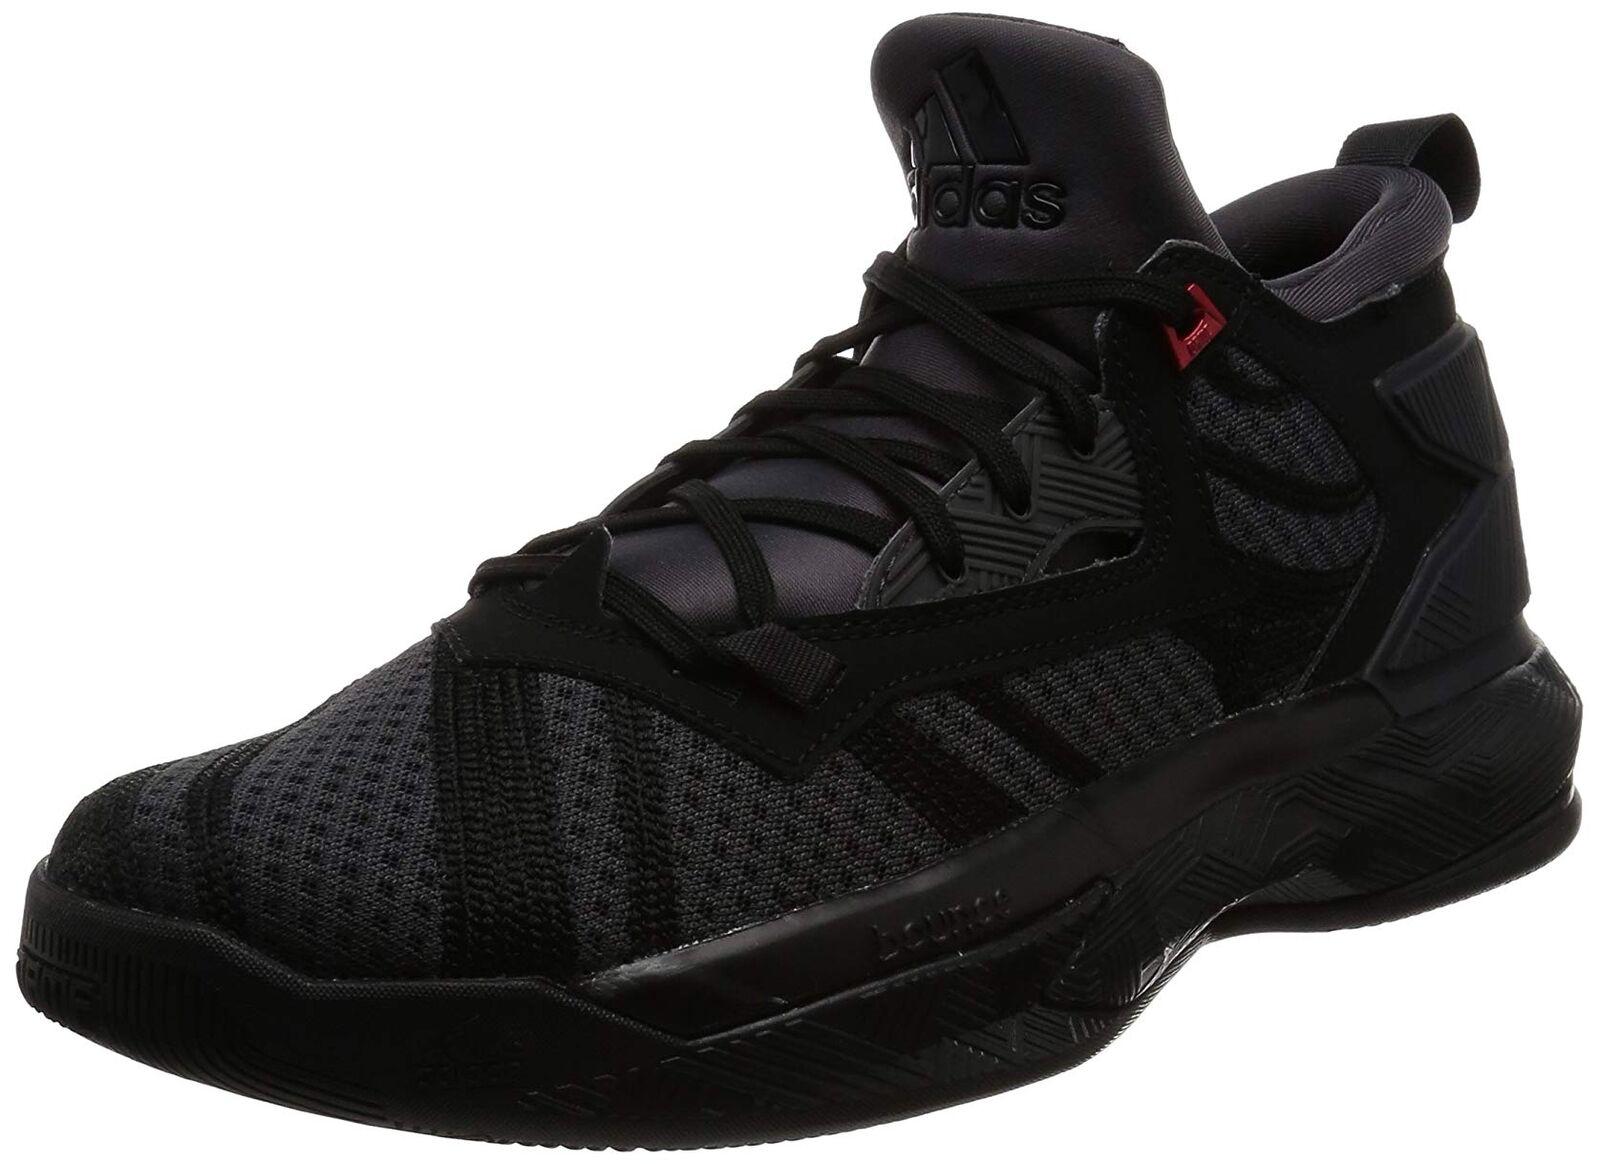 11a8875dc9be9 Nouveau Adidas D Lillard 2 Bounce Bounce Bounce Homme Basket Noir Baskets  Chaussures RRP vente 718539